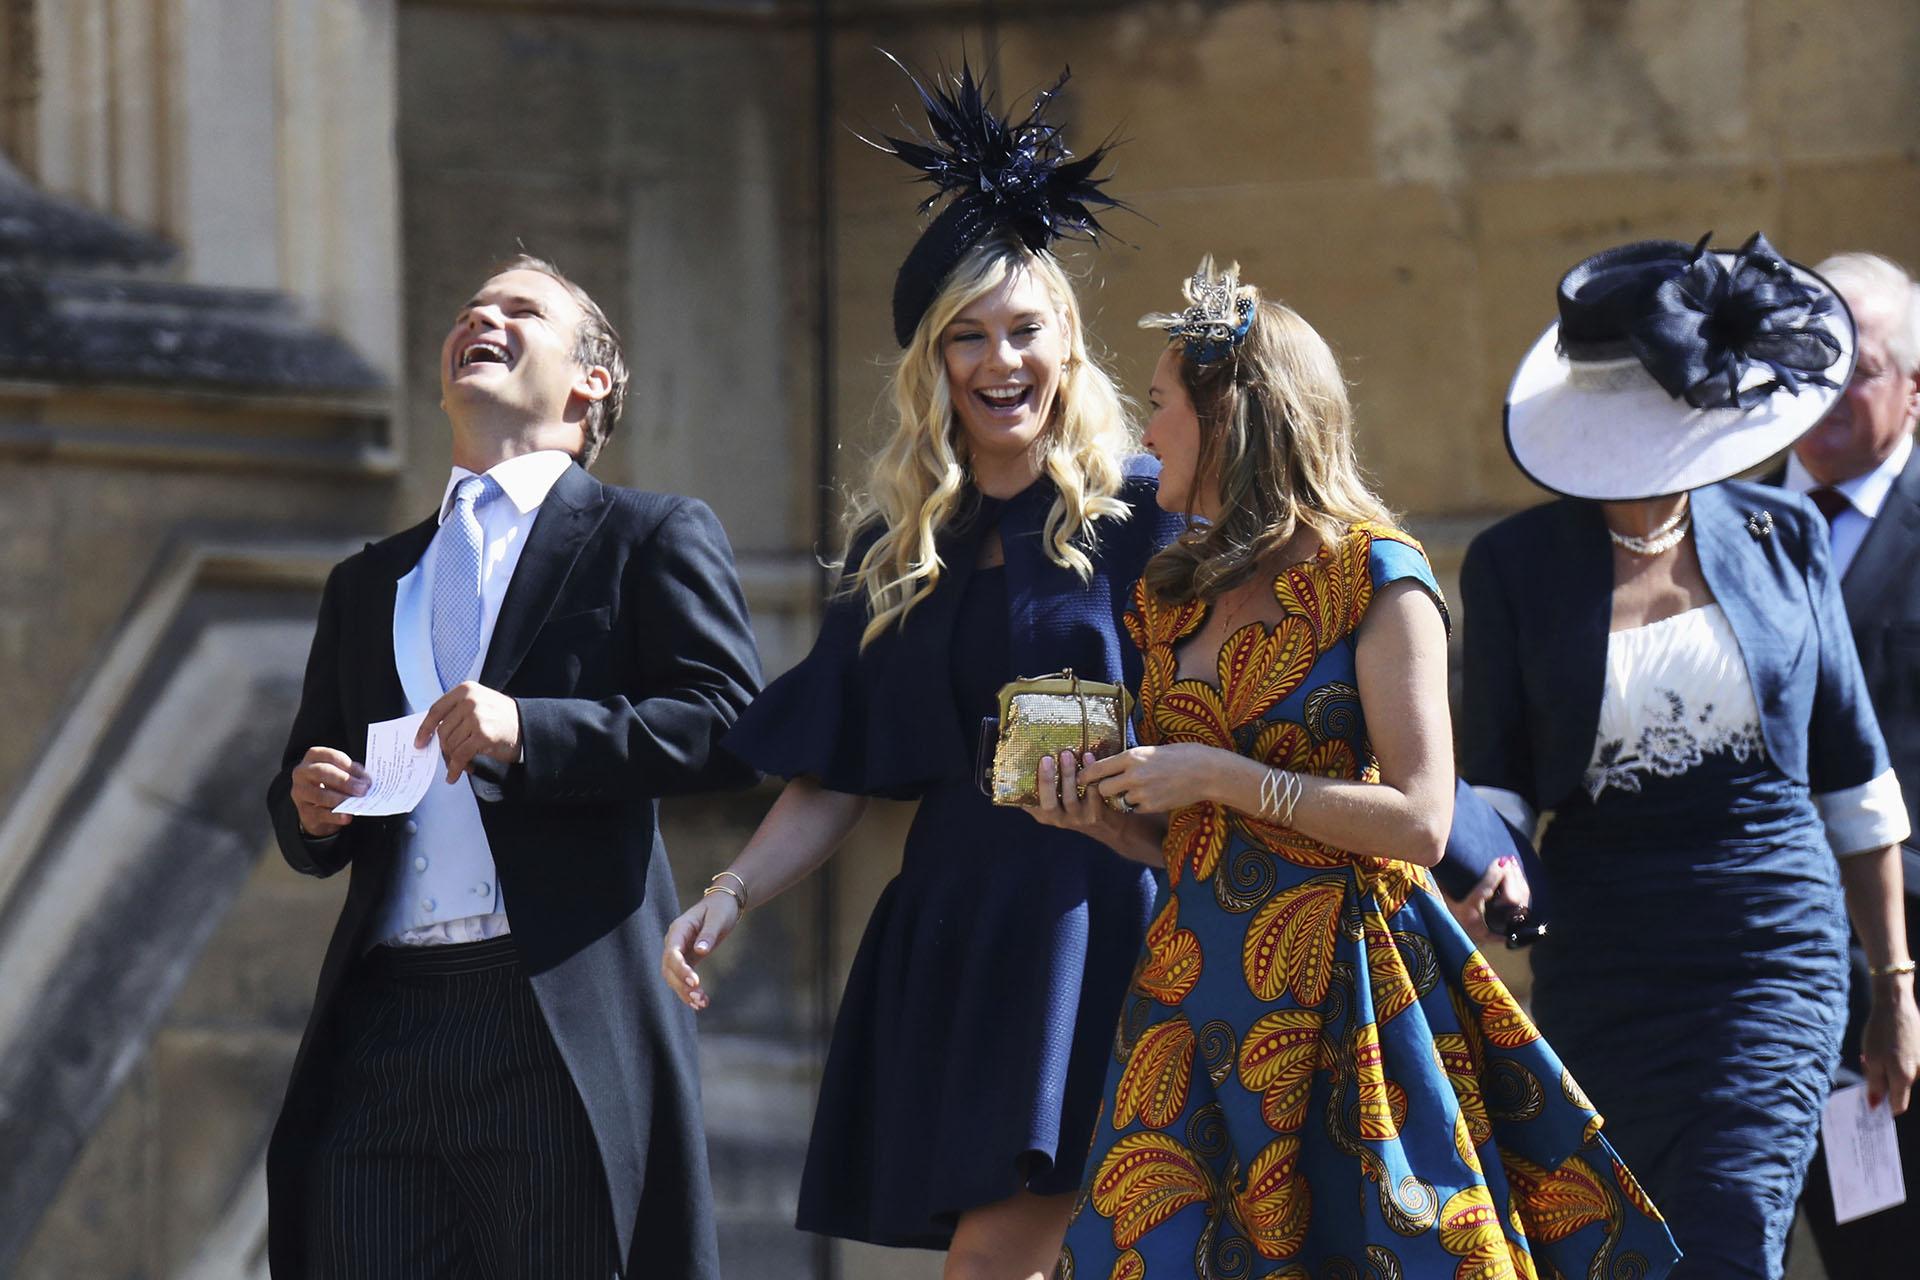 Chelsy Davy, la ex novia del príncipe Harry presente en la boda (AP)